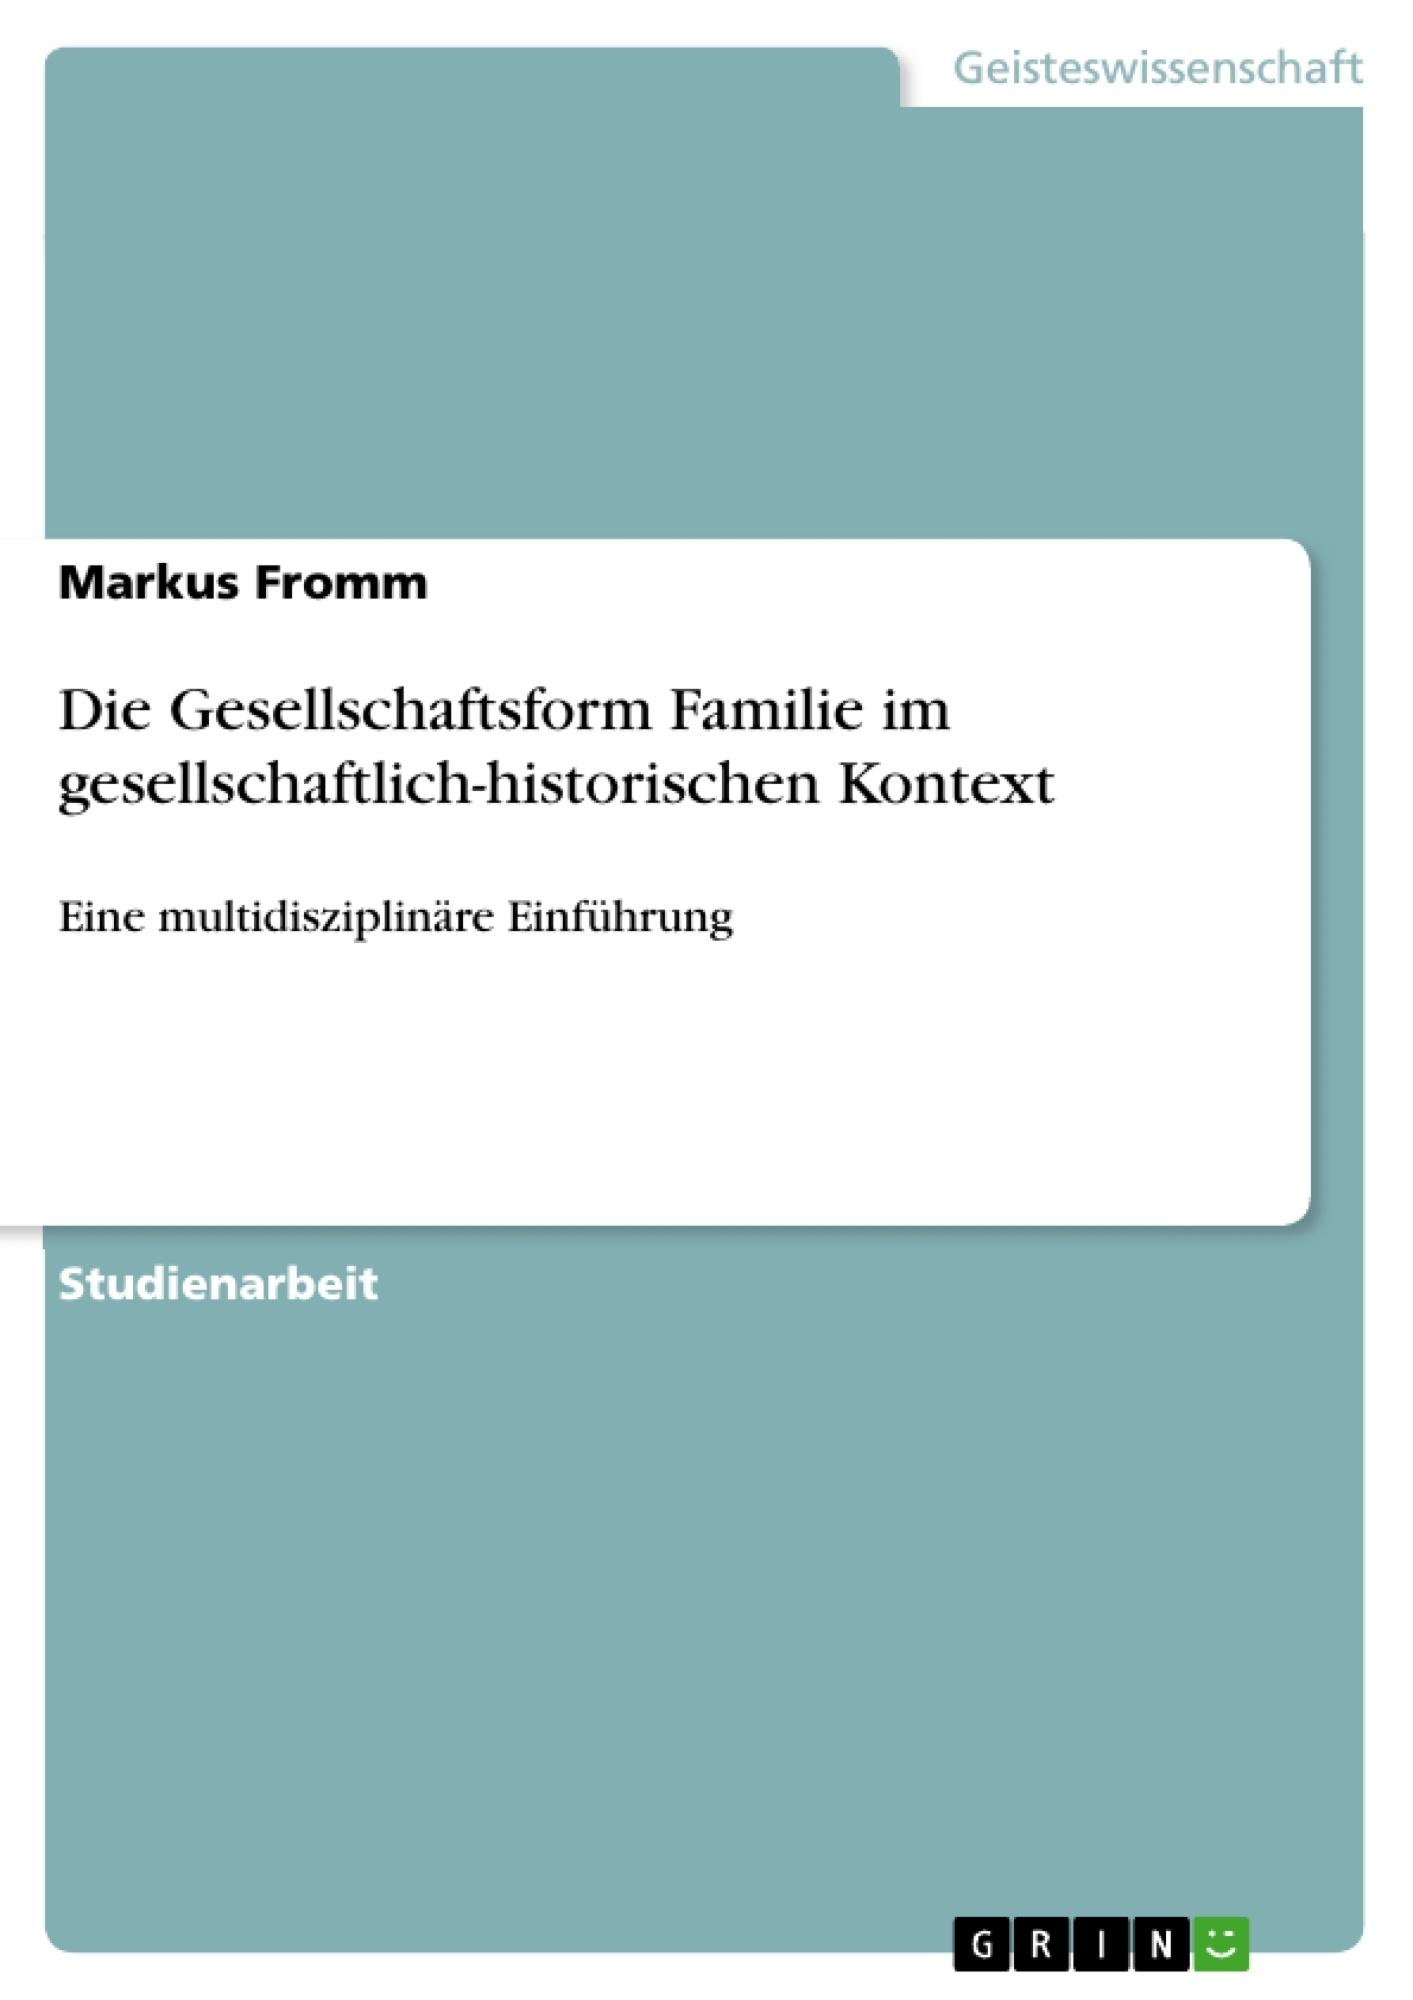 Titel: Die Gesellschaftsform Familie im gesellschaftlich-historischen Kontext